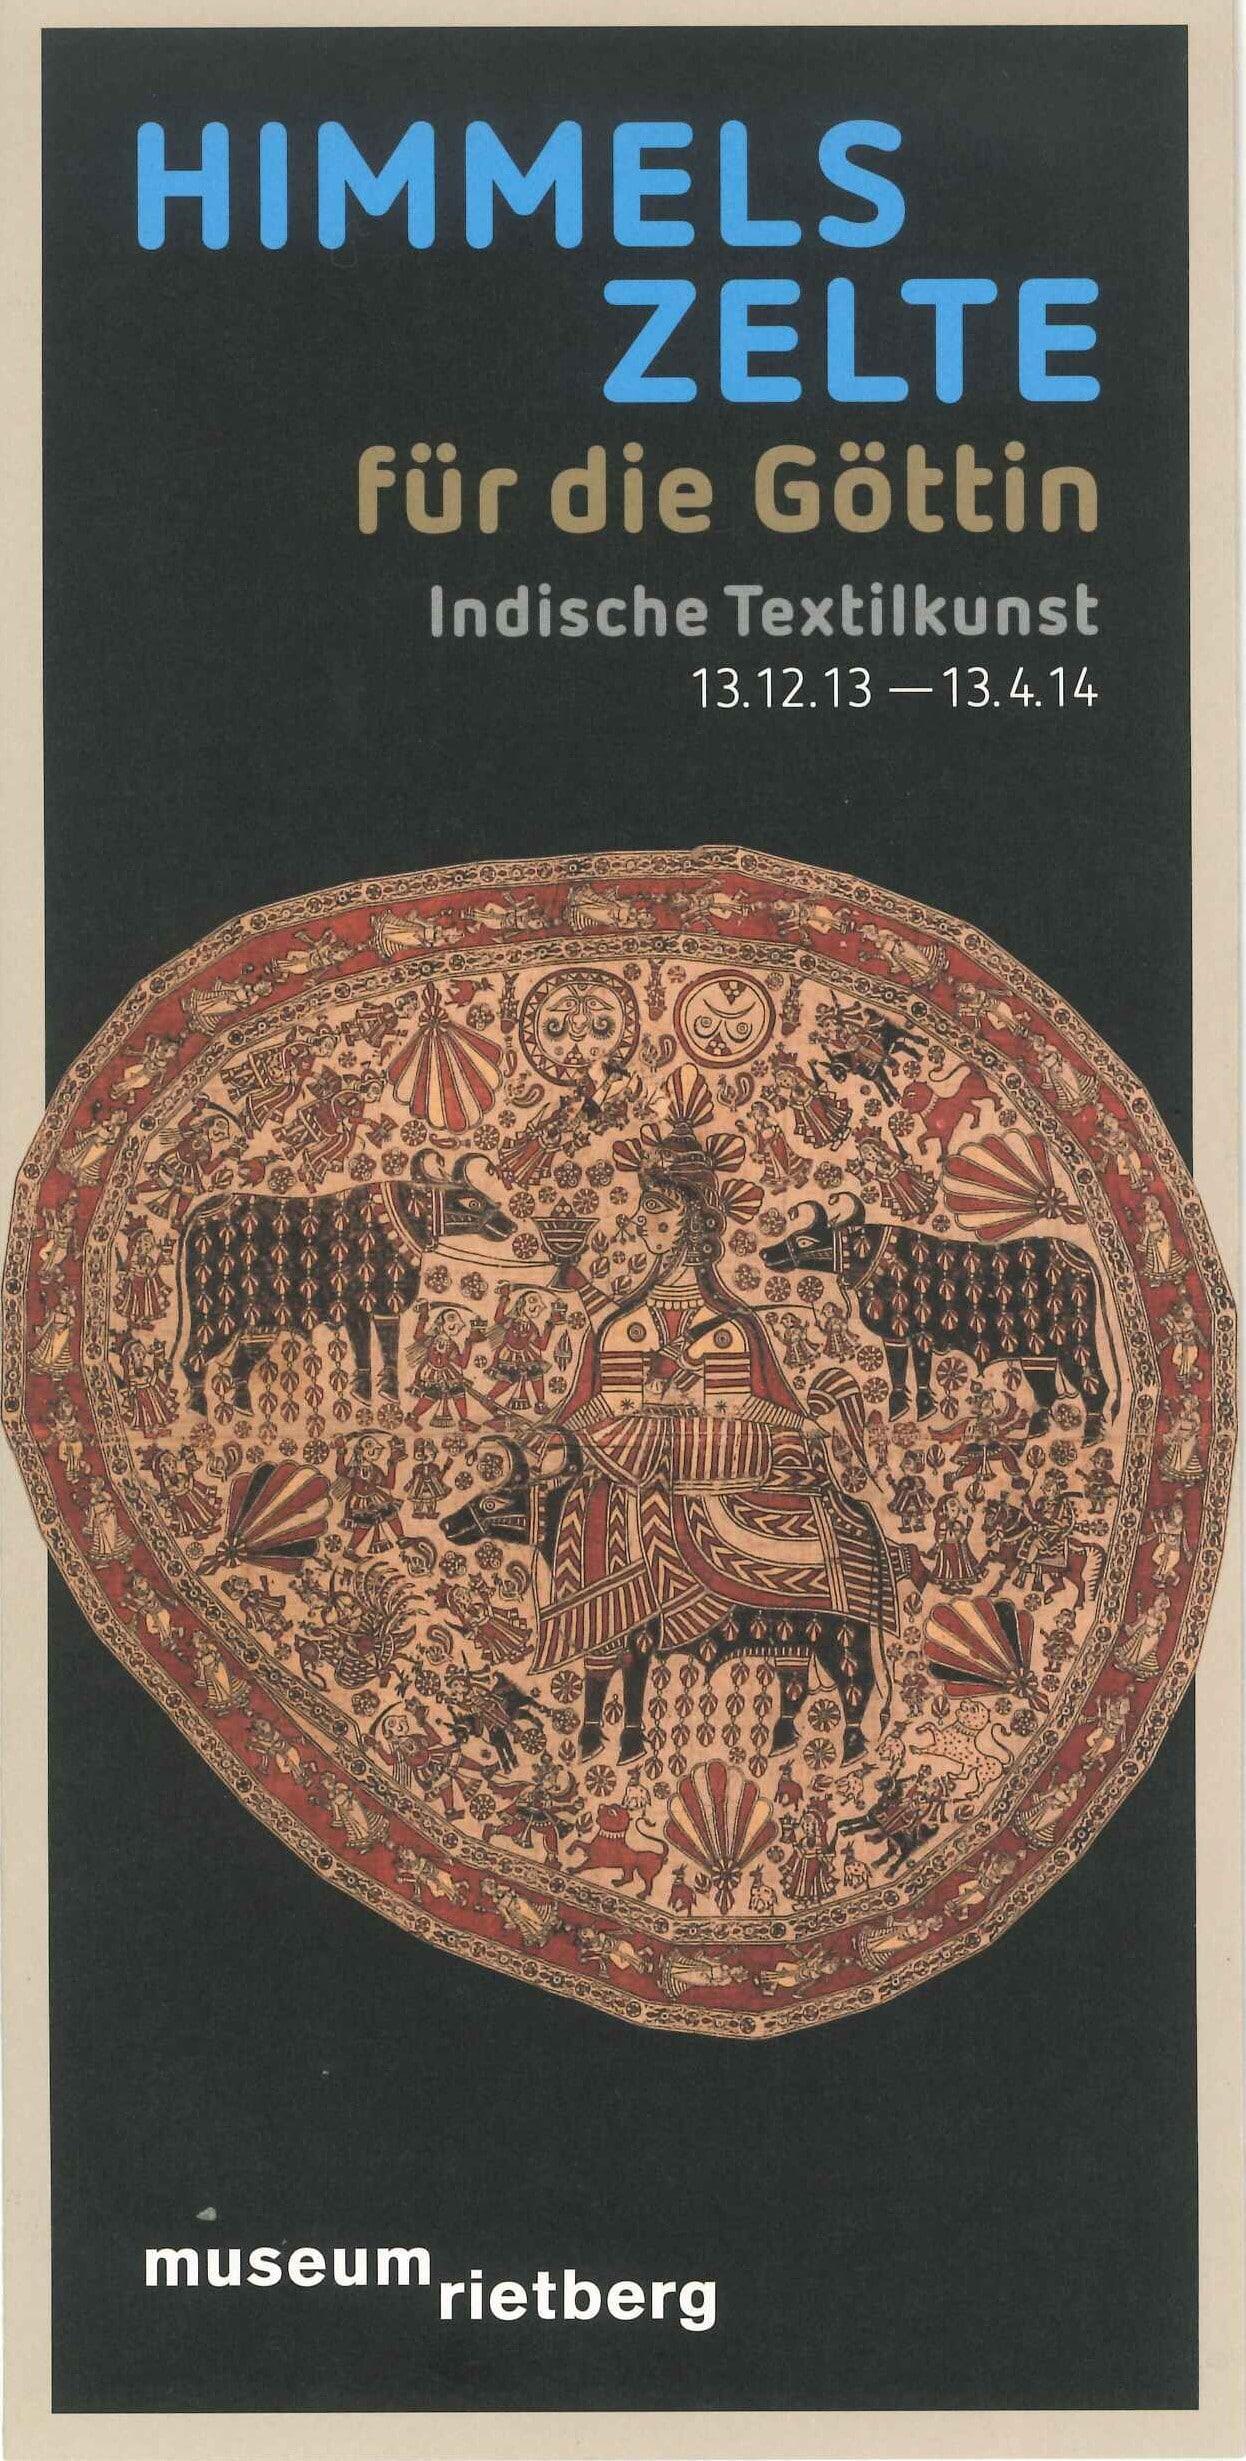 Himmelszelte für die Göttin - Indische Textilkunst